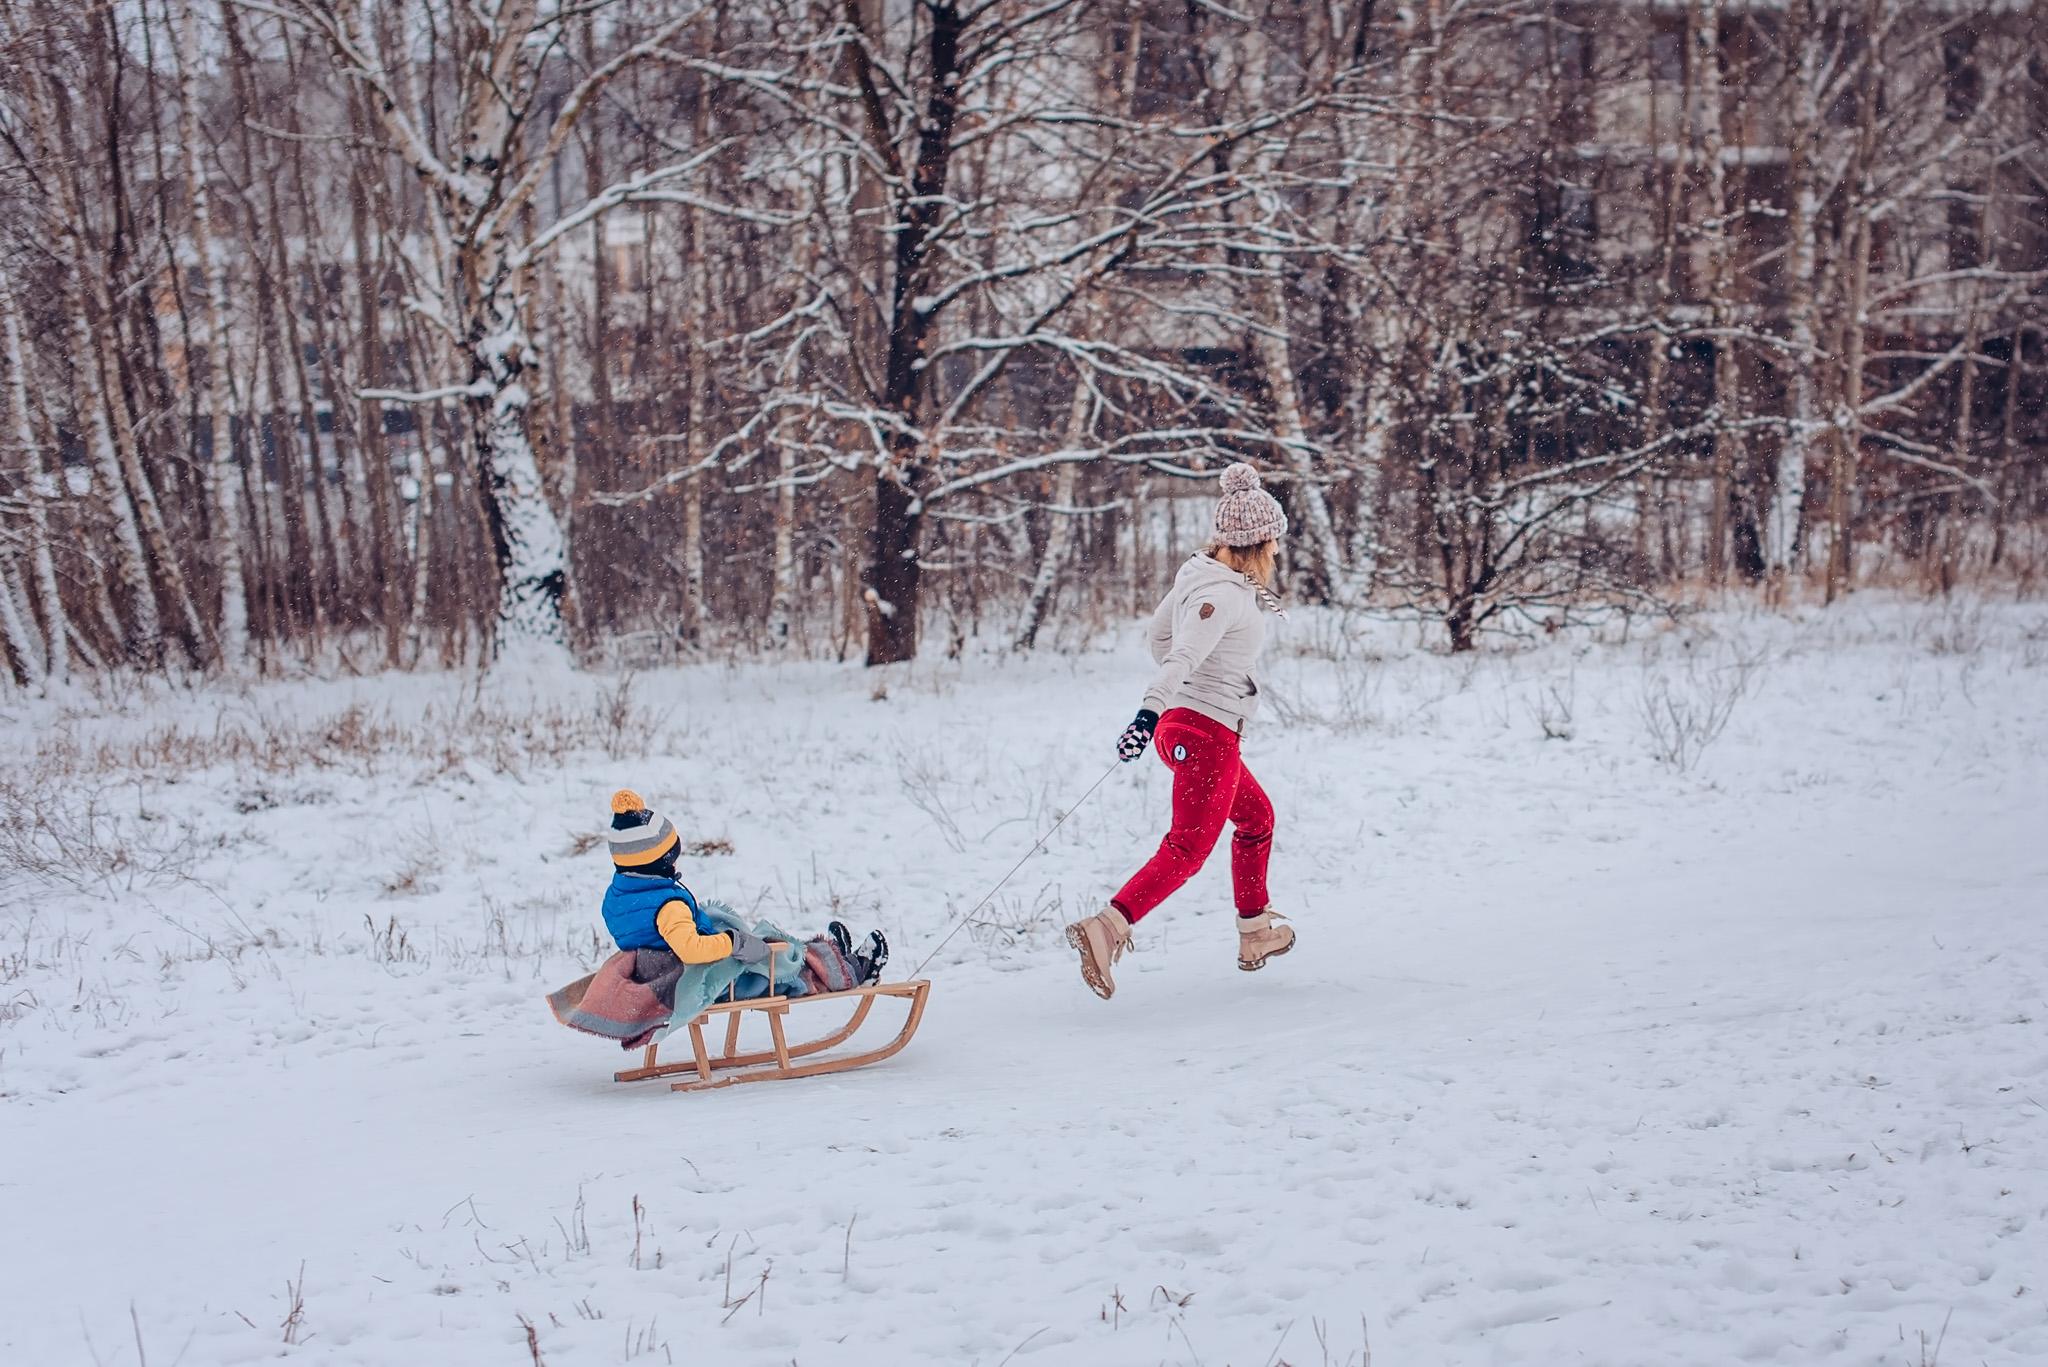 zimowa sesja rodzinna z sankami warszawa wilanow